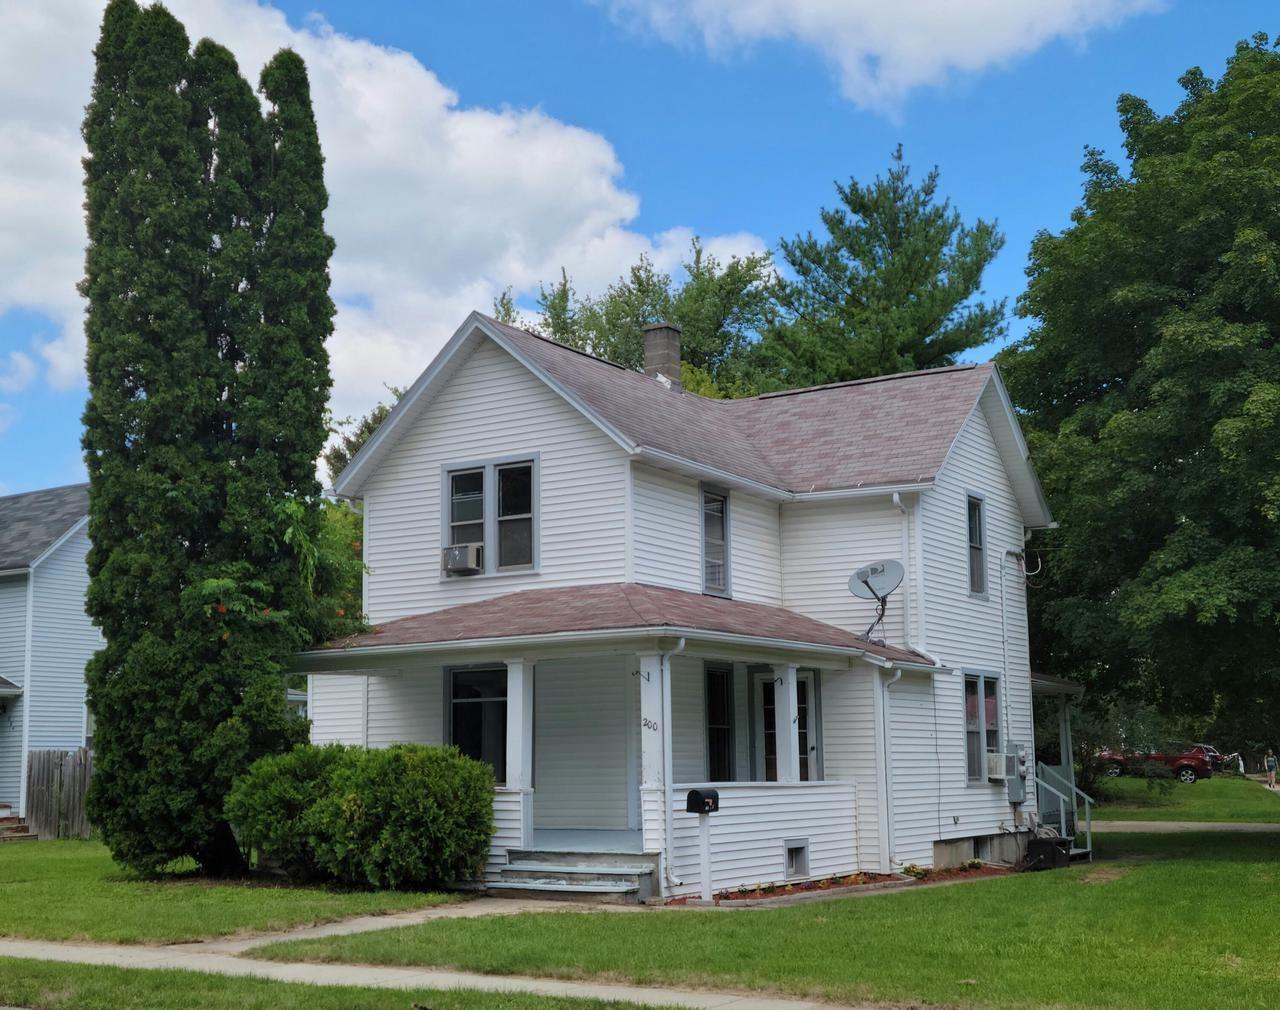 200 Linden St, Fort Atkinson, WI 53538 - #: 376935